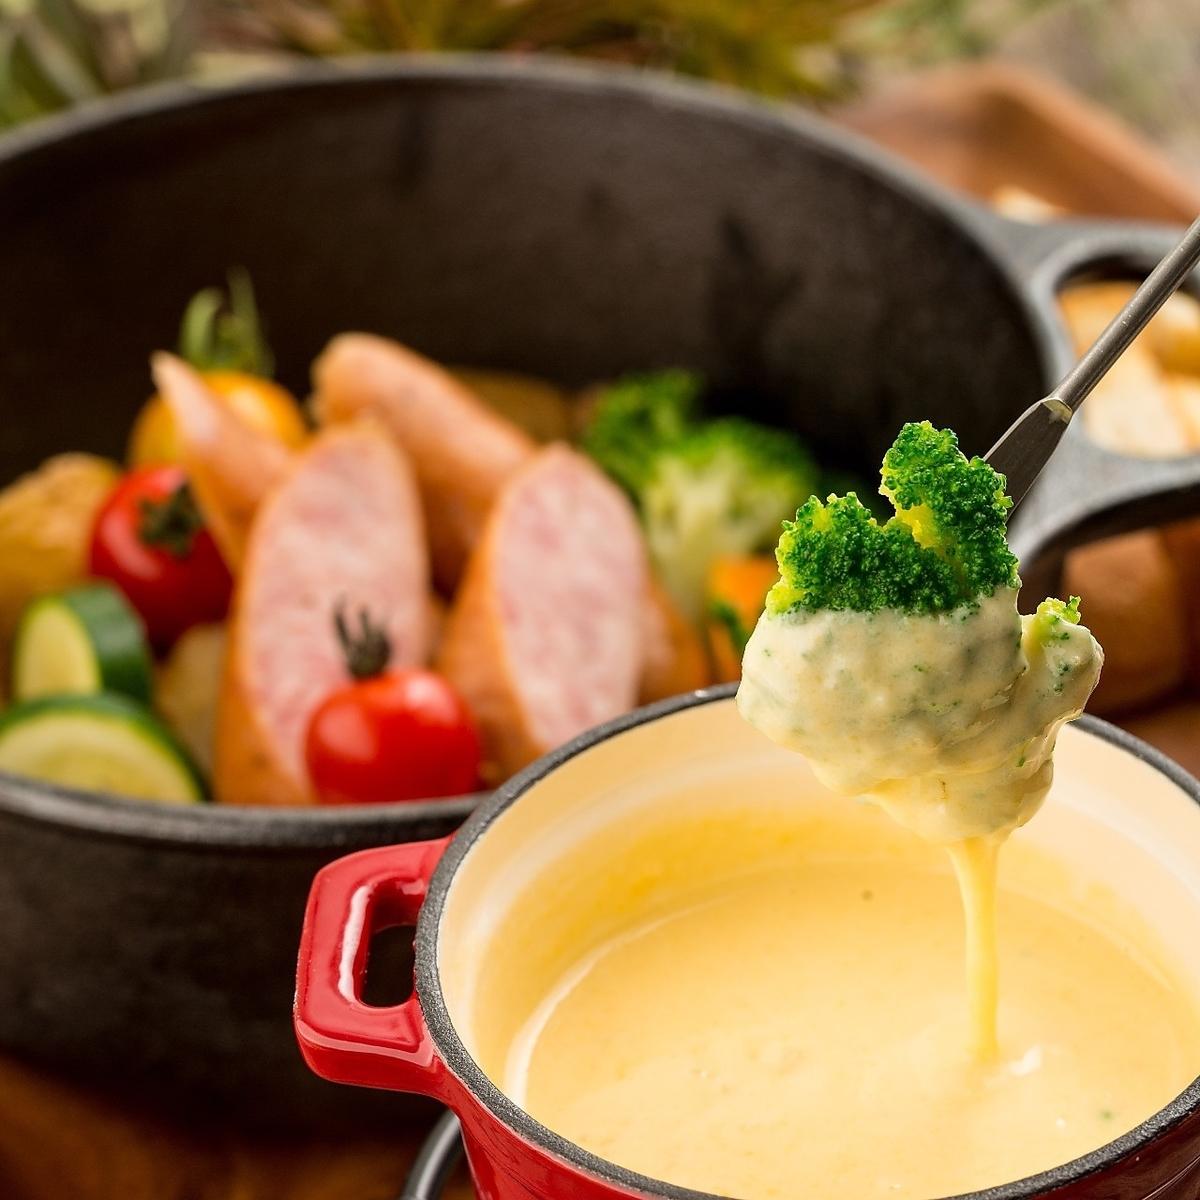 自家製ソースのチーズフォンデュ食べ放題!